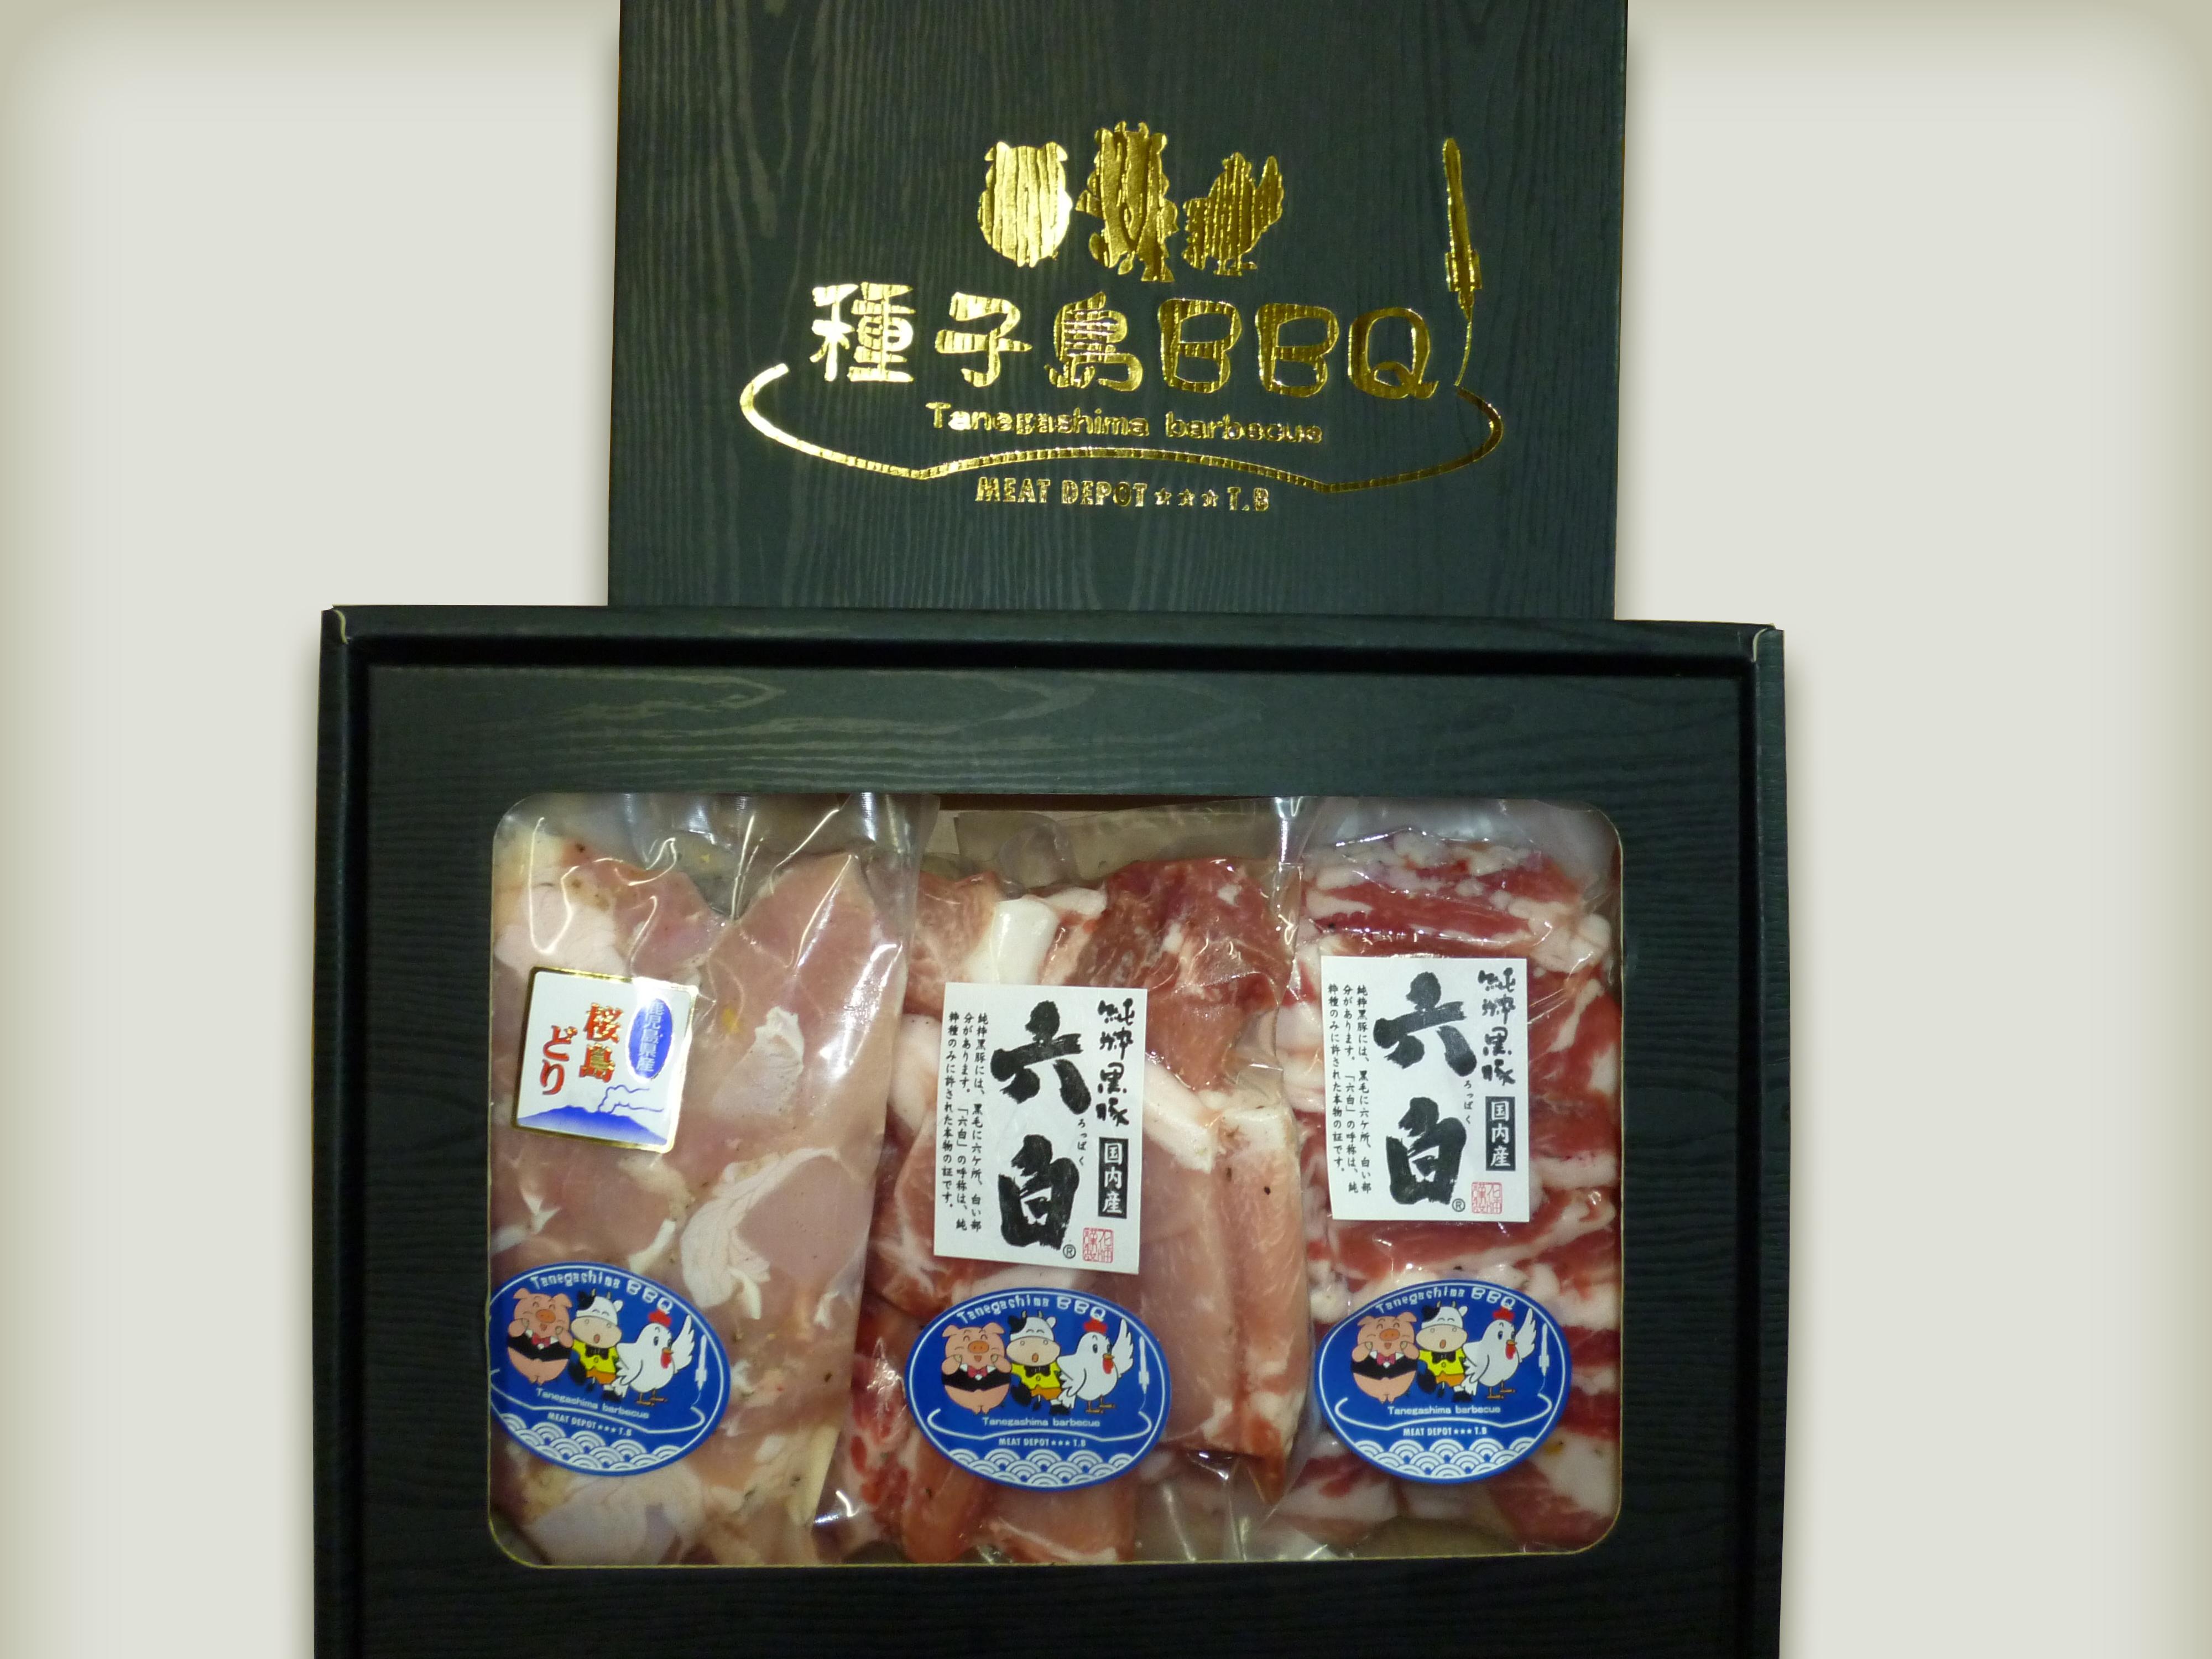 黒潮シーズニング味付鶏肉・黒豚焼肉セット